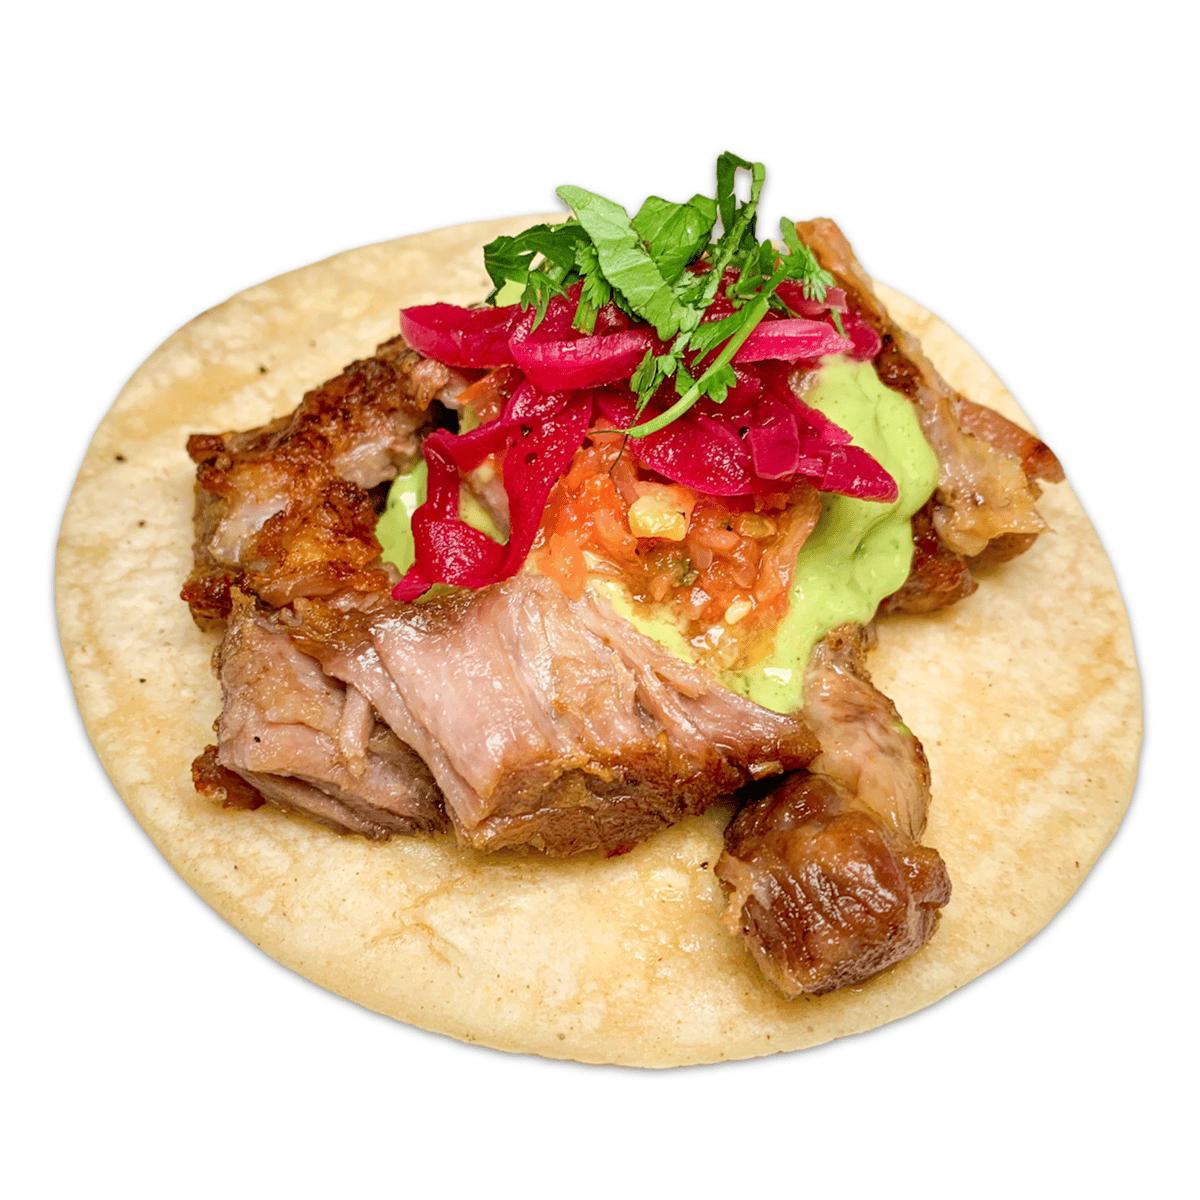 21. Carnitas Taco